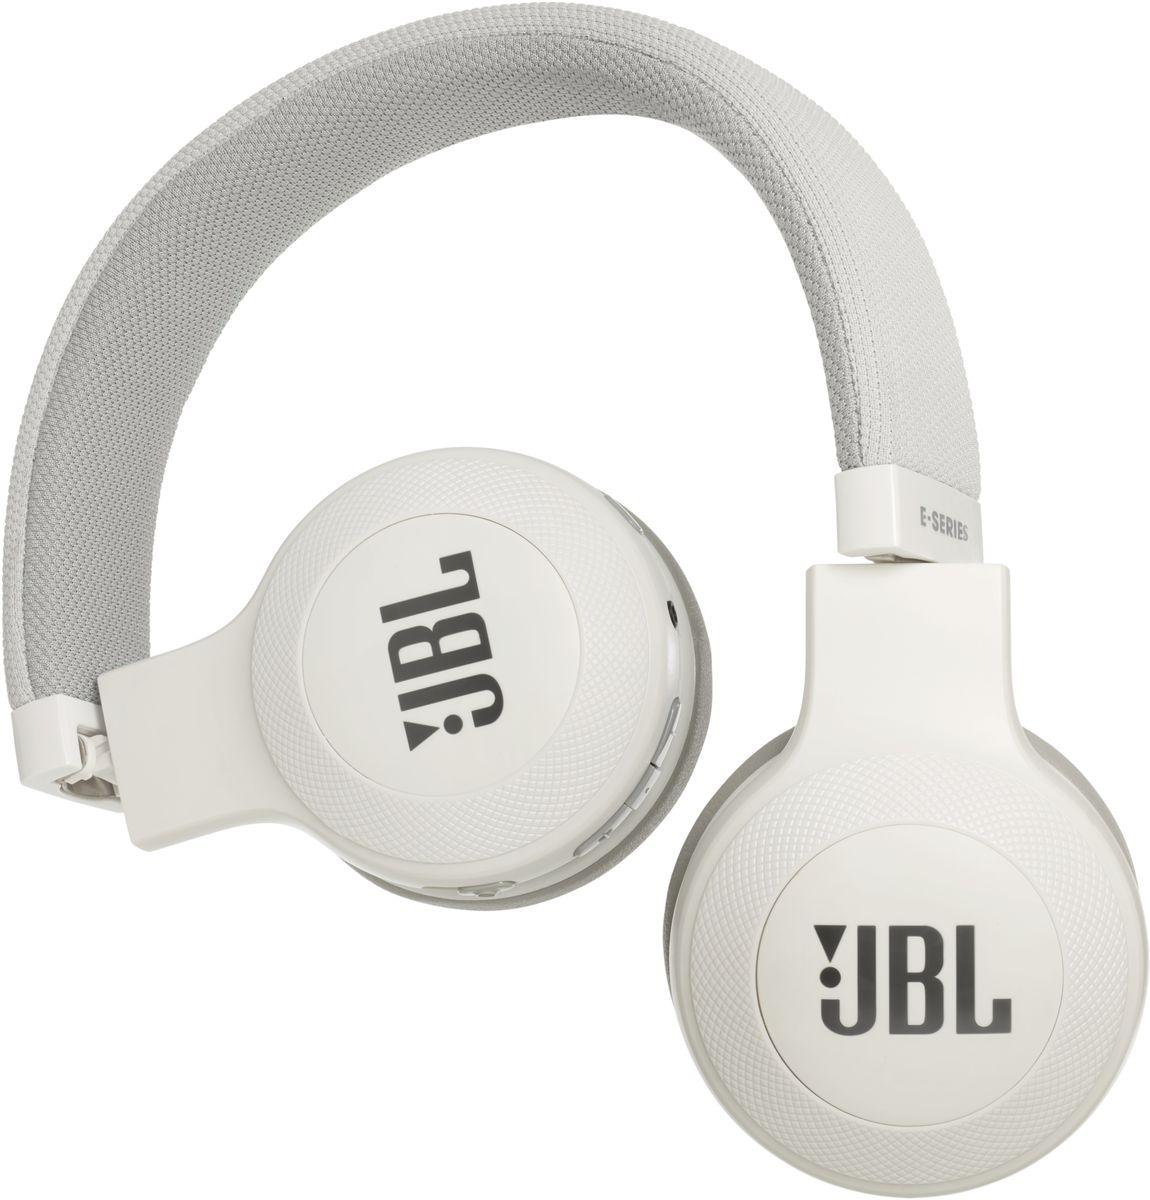 JBL E45BT, White беспроводные наушникиJBLE45BTWHTБеспроводные накладные наушники JBL E45BT доставят легендарный звук JBL прямо вам в уши. E45BT - одна из наиболее универсальных моделей, отличающаяся длительной работой от аккумулятора (до 16 часов), инновационным, стильным оголовьем с тканевой отделкой и эргономичным накладным дизайном. Это значит, что вы можете не расставаться с любимой музыкой и получать дополнительное удовольствие, где бы вы ни были - на работе, в транспорте или просто в городе. Вы можете с легкостью переключаться с прослушивания музыки на своем портативном устройстве на прием телефонного вызова, чтобы никогда не пропускать звонки. Благодаря элегантному внешнему виду, различным цветам и дополнительному удобству съемного кабеля с пультом управления и микрофоном вам никогда не захочется расставаться с наушниками E45BT. Они привнесут в вашу жизнь яркость и удовольствие.